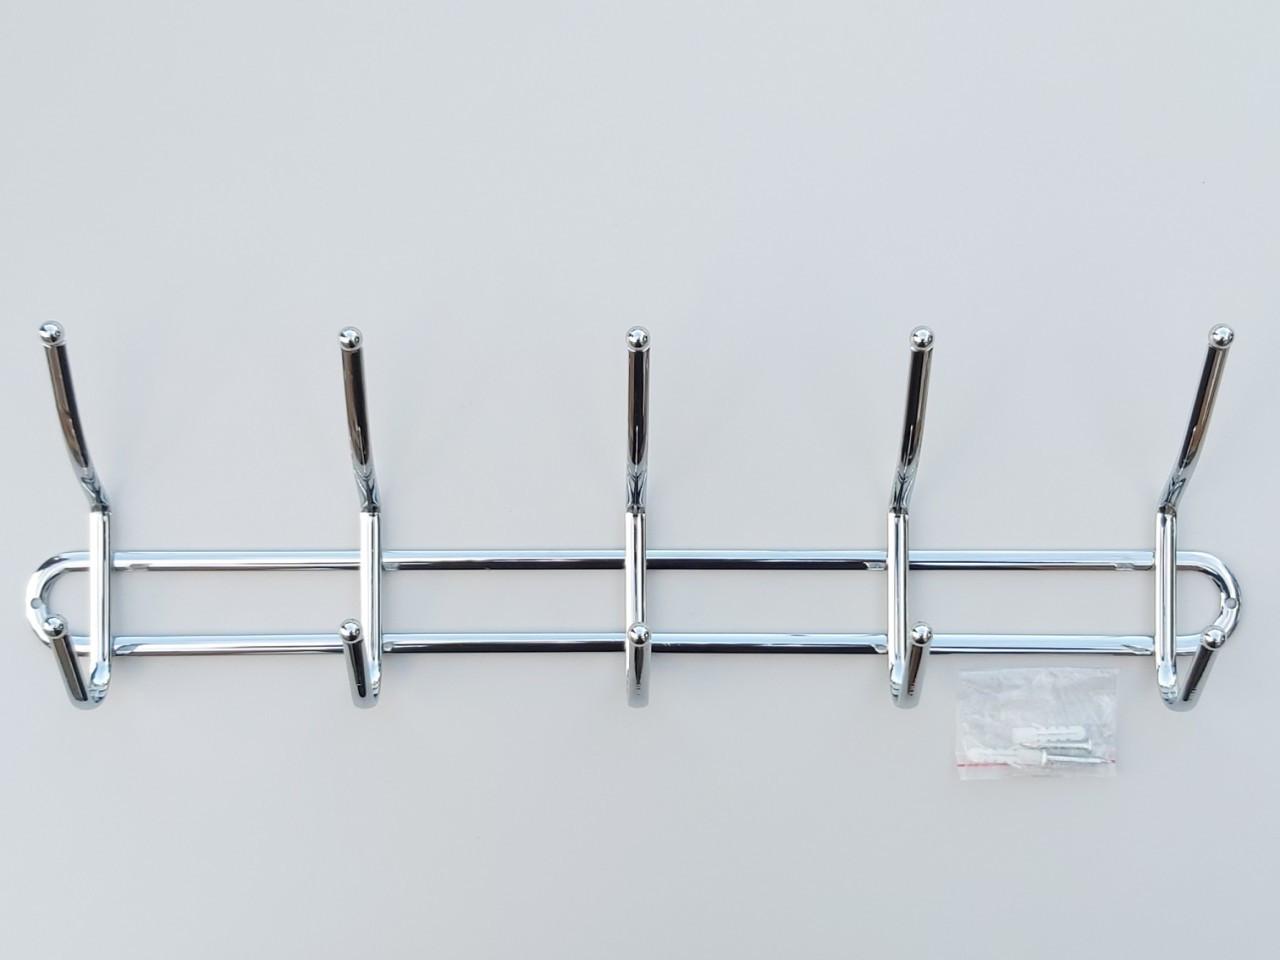 Длина 46 см. Вешалка настенная ВНК5 металлическая хромированная на 5 крючков